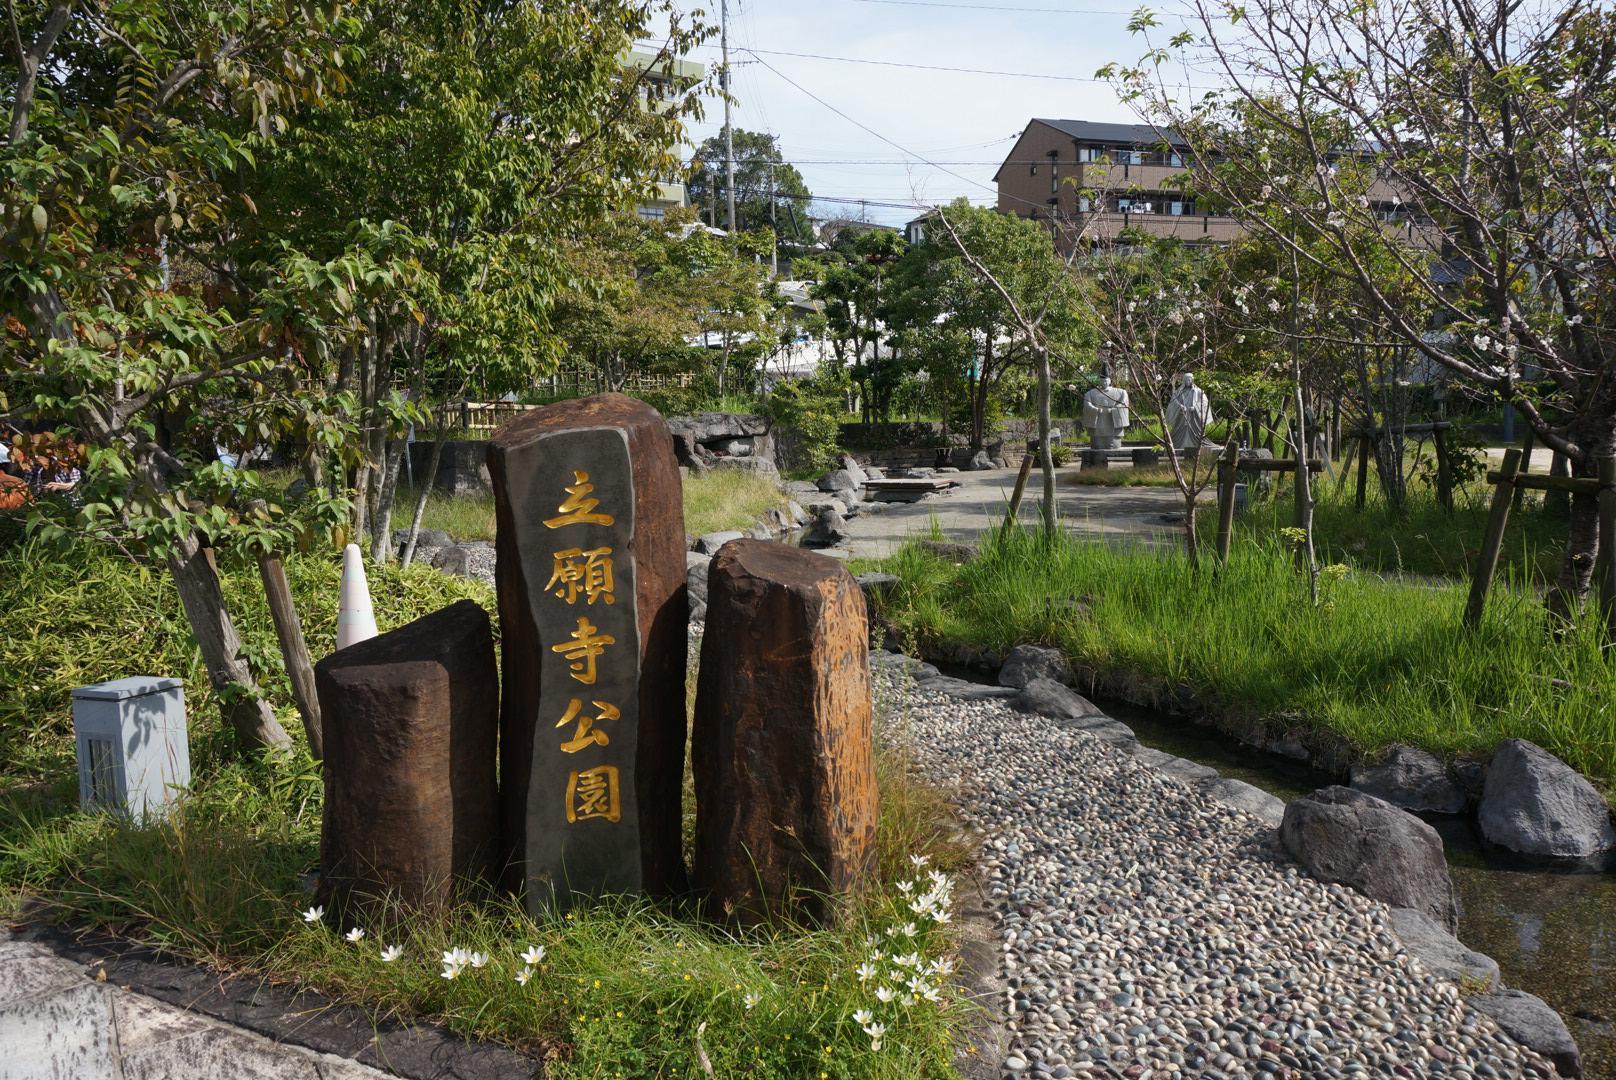 玉名市 足湯のある「立願寺公園」は隠れた名スポット?